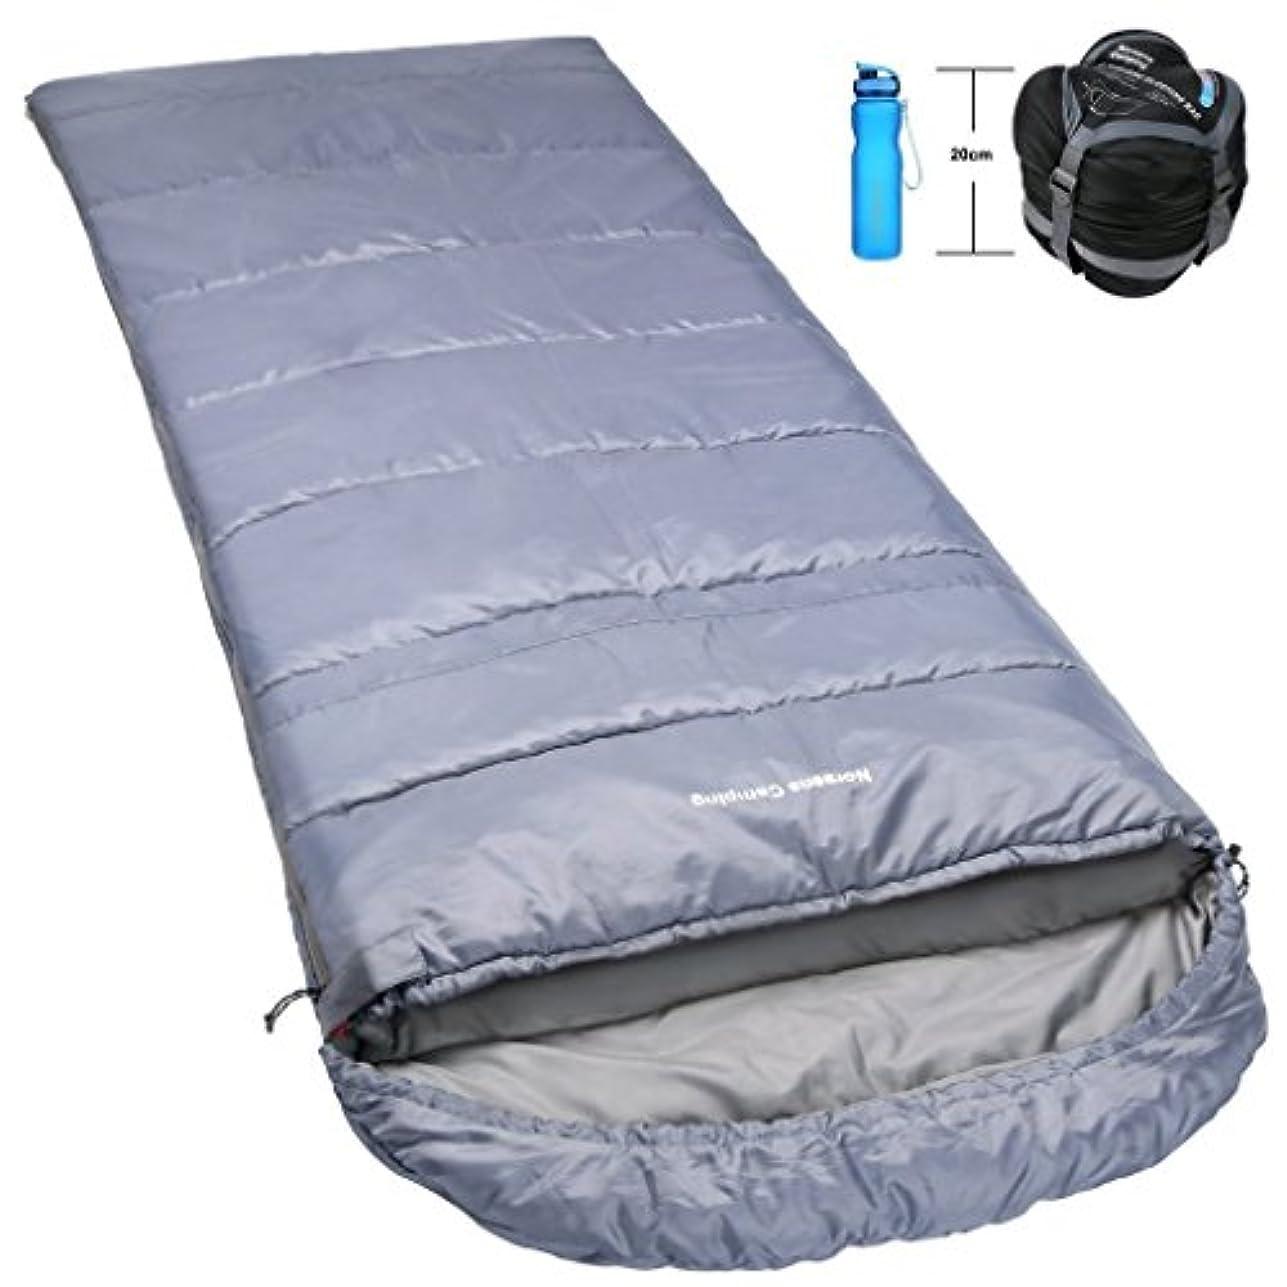 Norsens 封筒型 寝袋 シュラフ 室内用 車用 冬 キャンプ 登山 アウトドア スリーピングバッグ コンパクト 軽量 丸洗い 大サイズ 防水 最低使用温度10度 収納袋